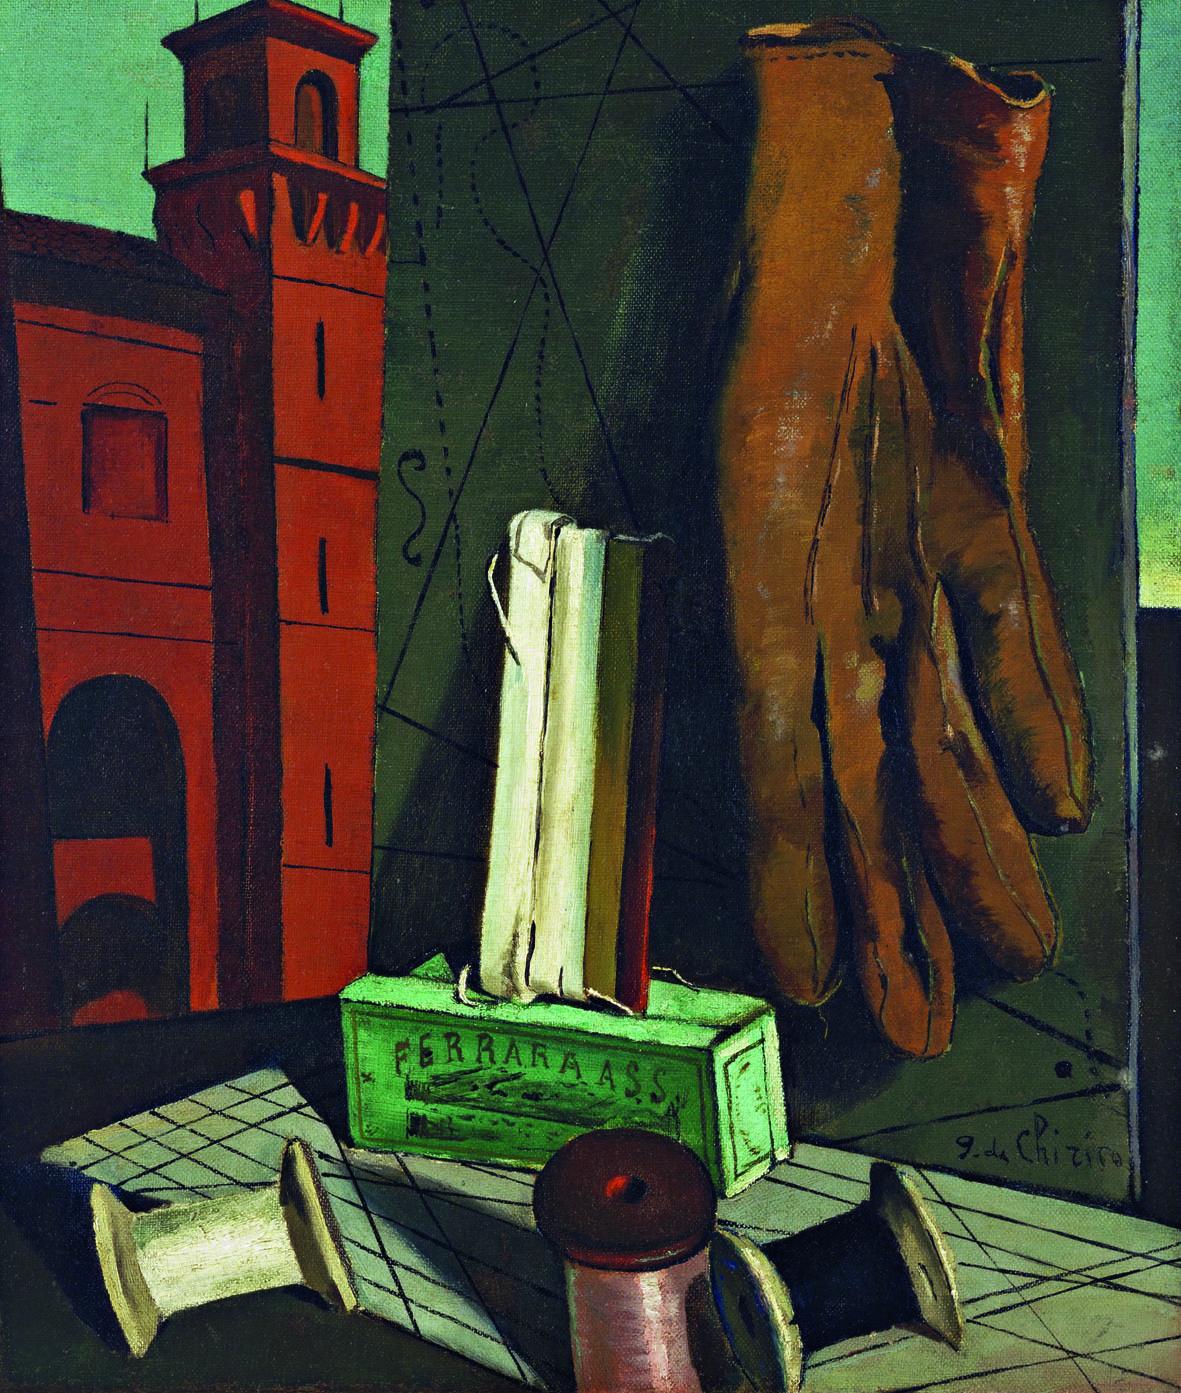 Giorgio de Chirico: I progetti della ragazza